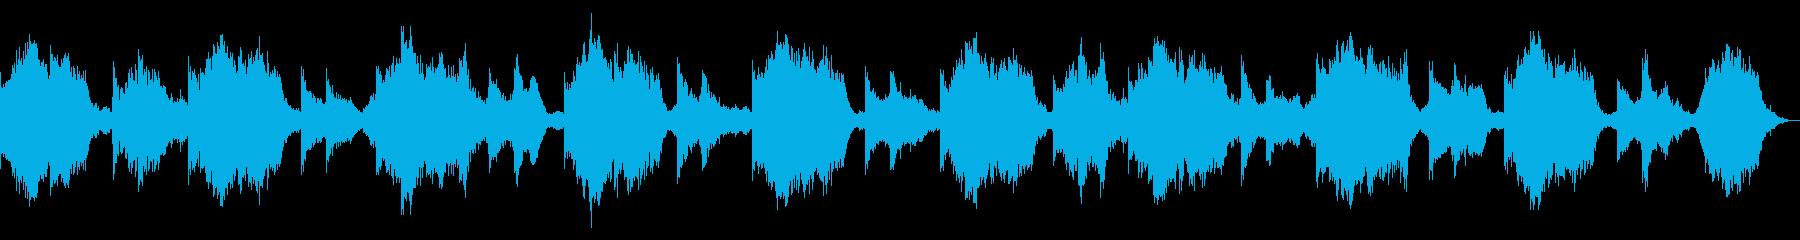 ダークでミステリアスなピアノ 奇怪な演出の再生済みの波形